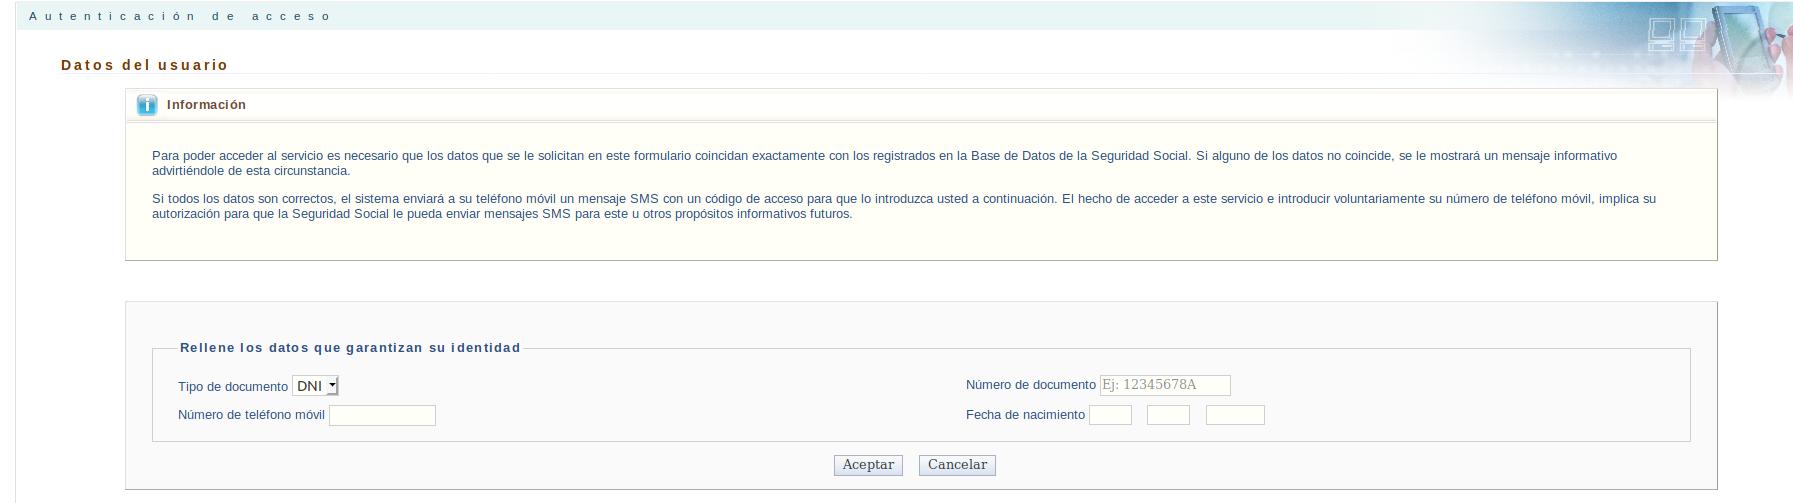 trámites seguridad social: descargar certificado irpf